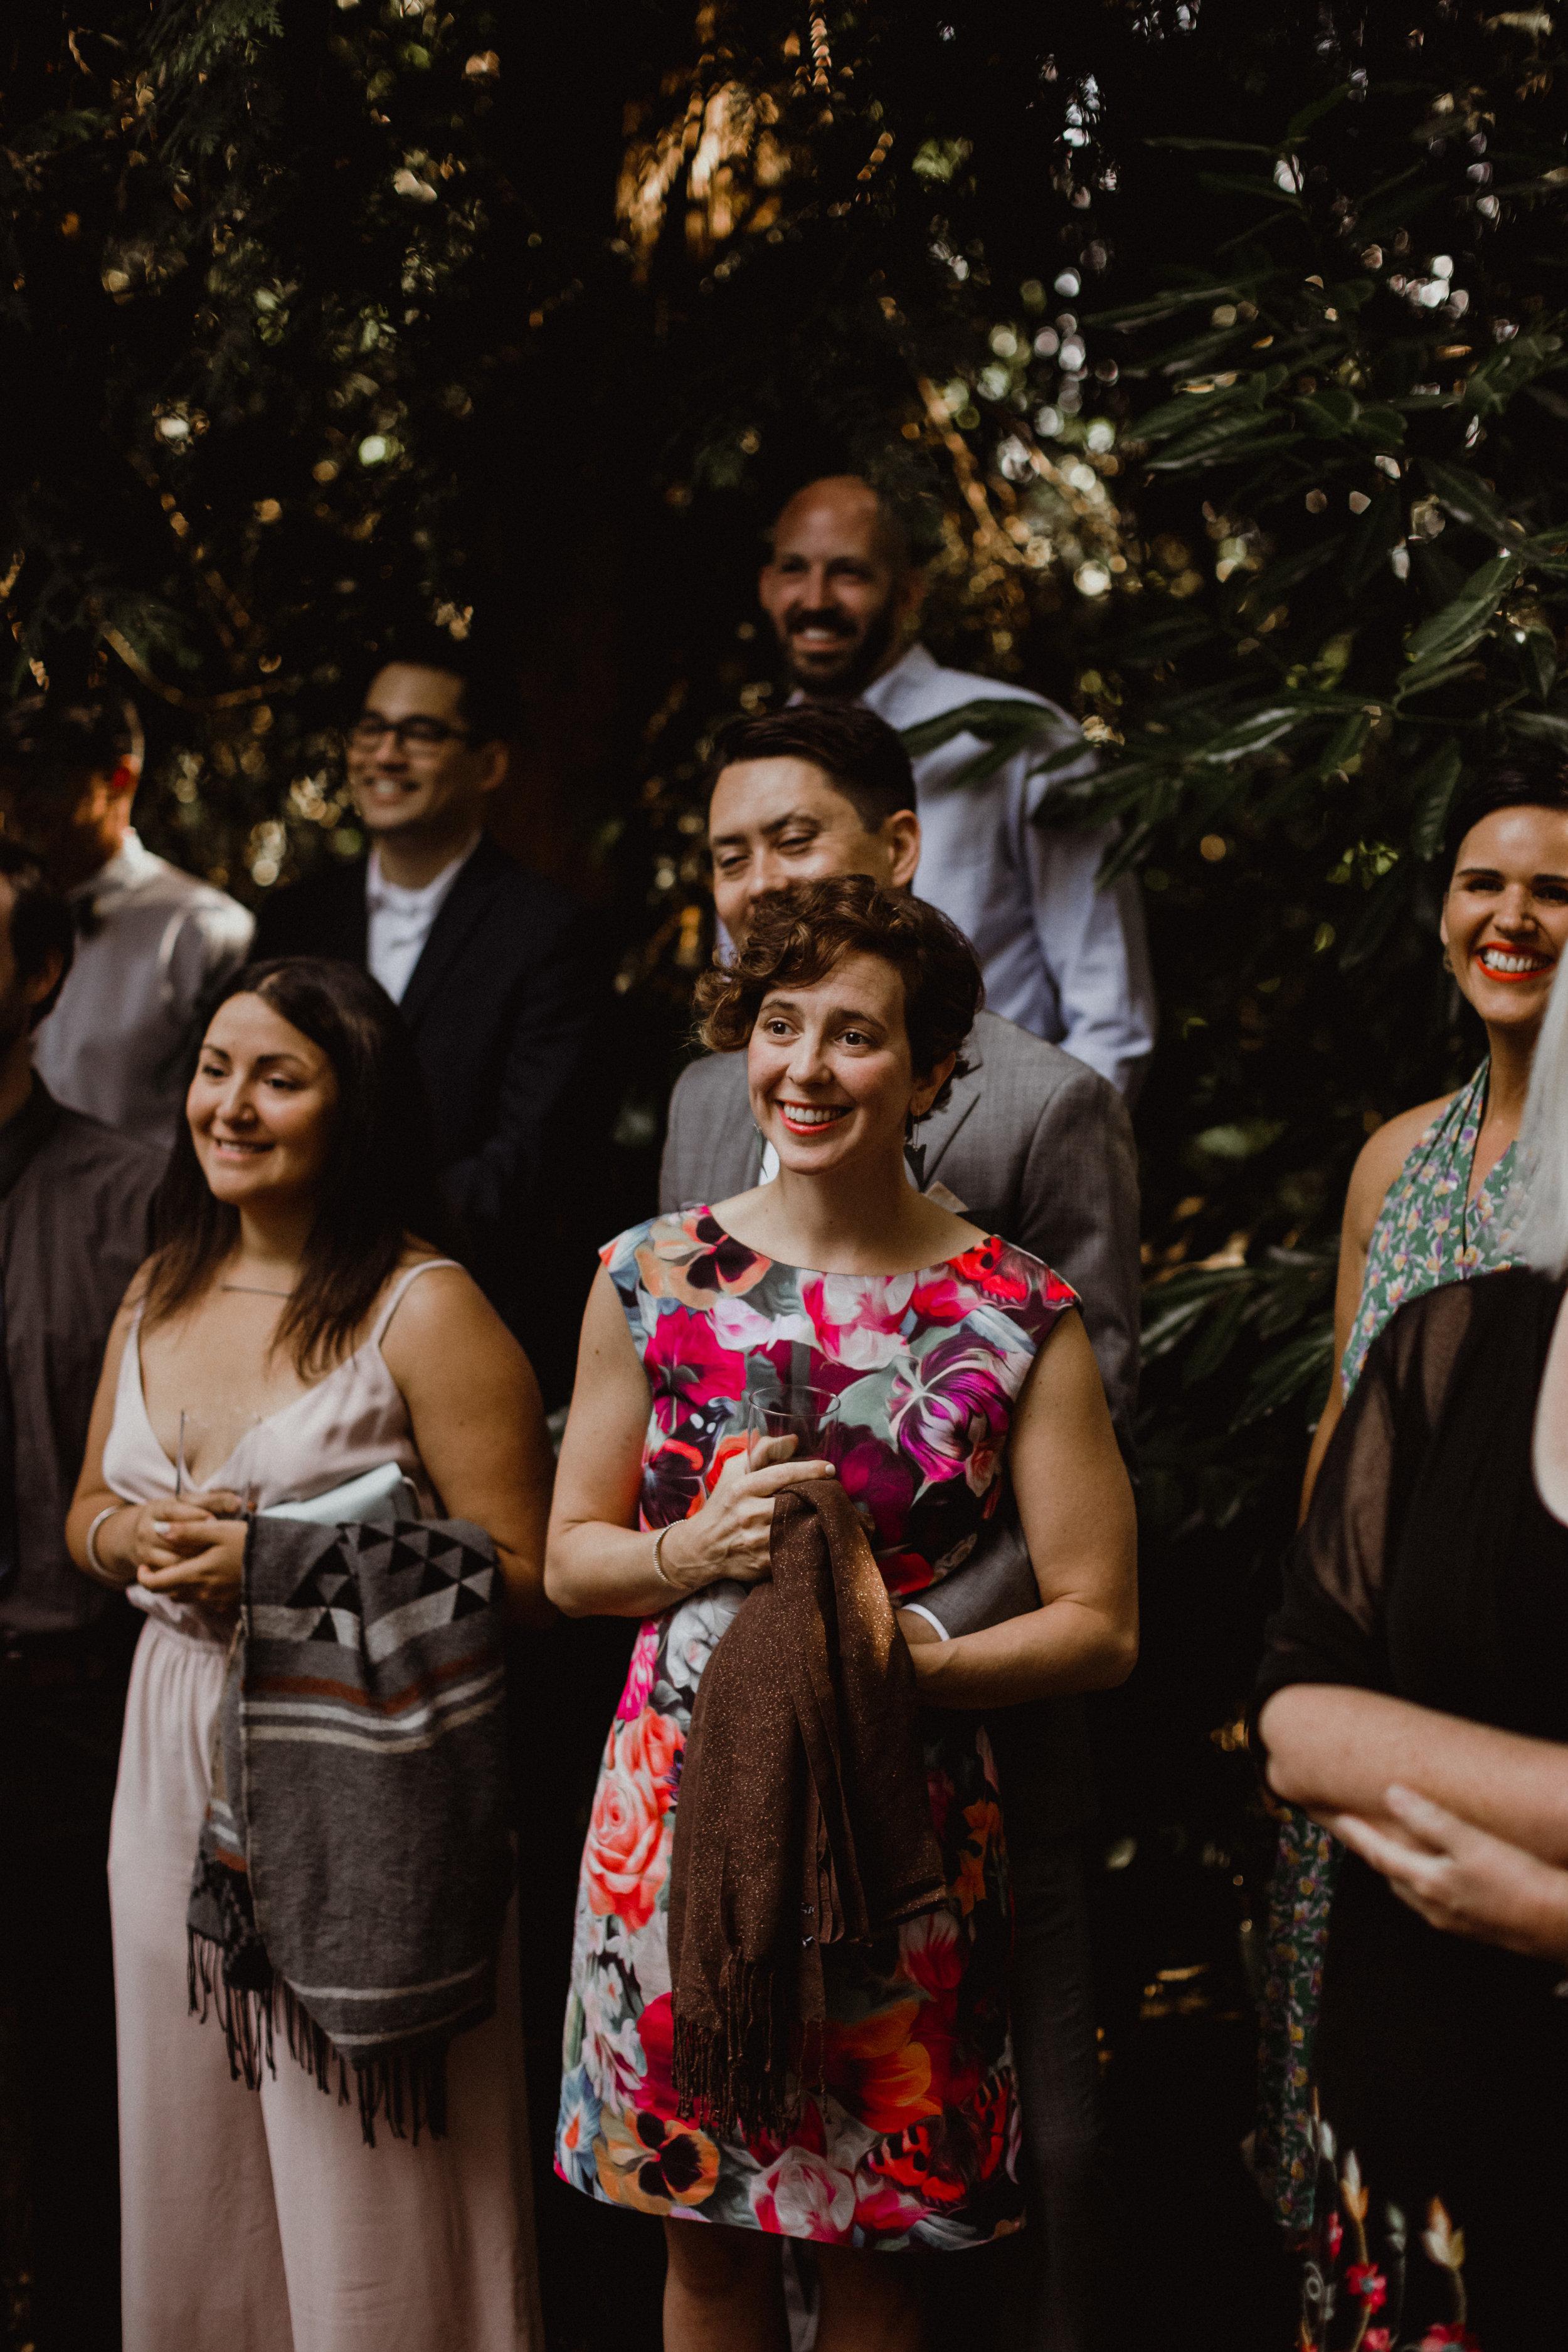 west-vancouver-backyard-wedding-118.jpg